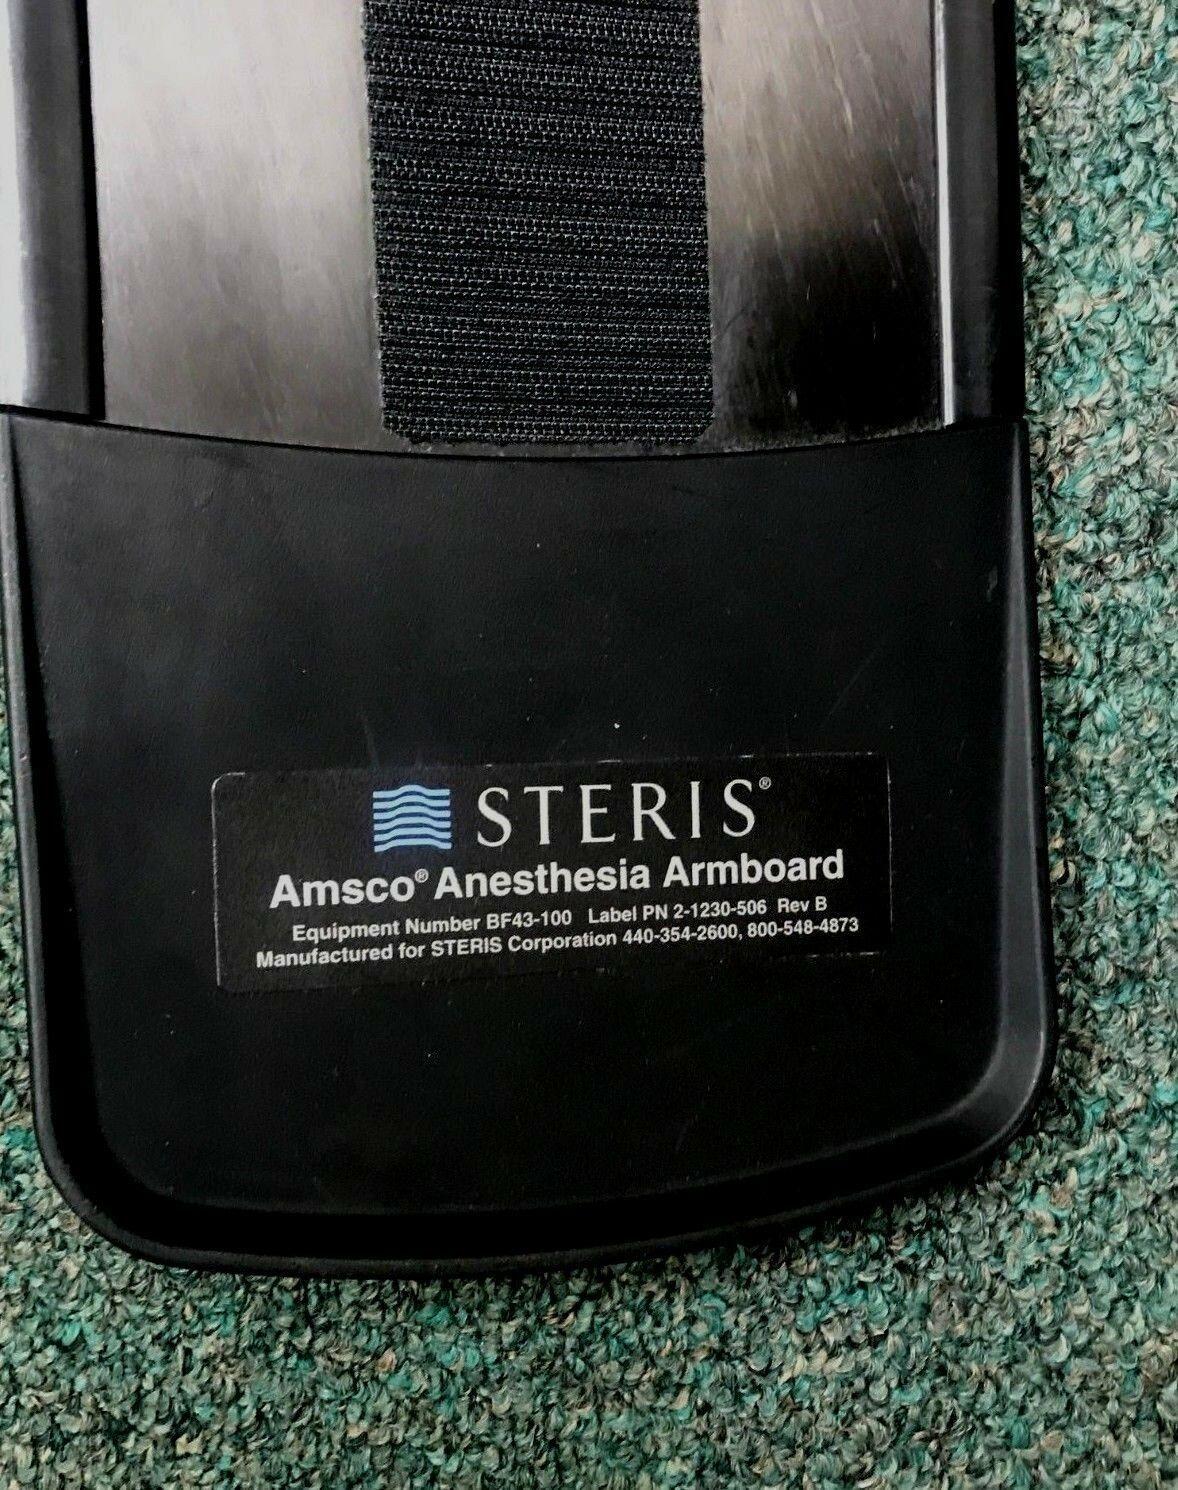 Steris AMSCO Anesthesia Armboard Model P141210